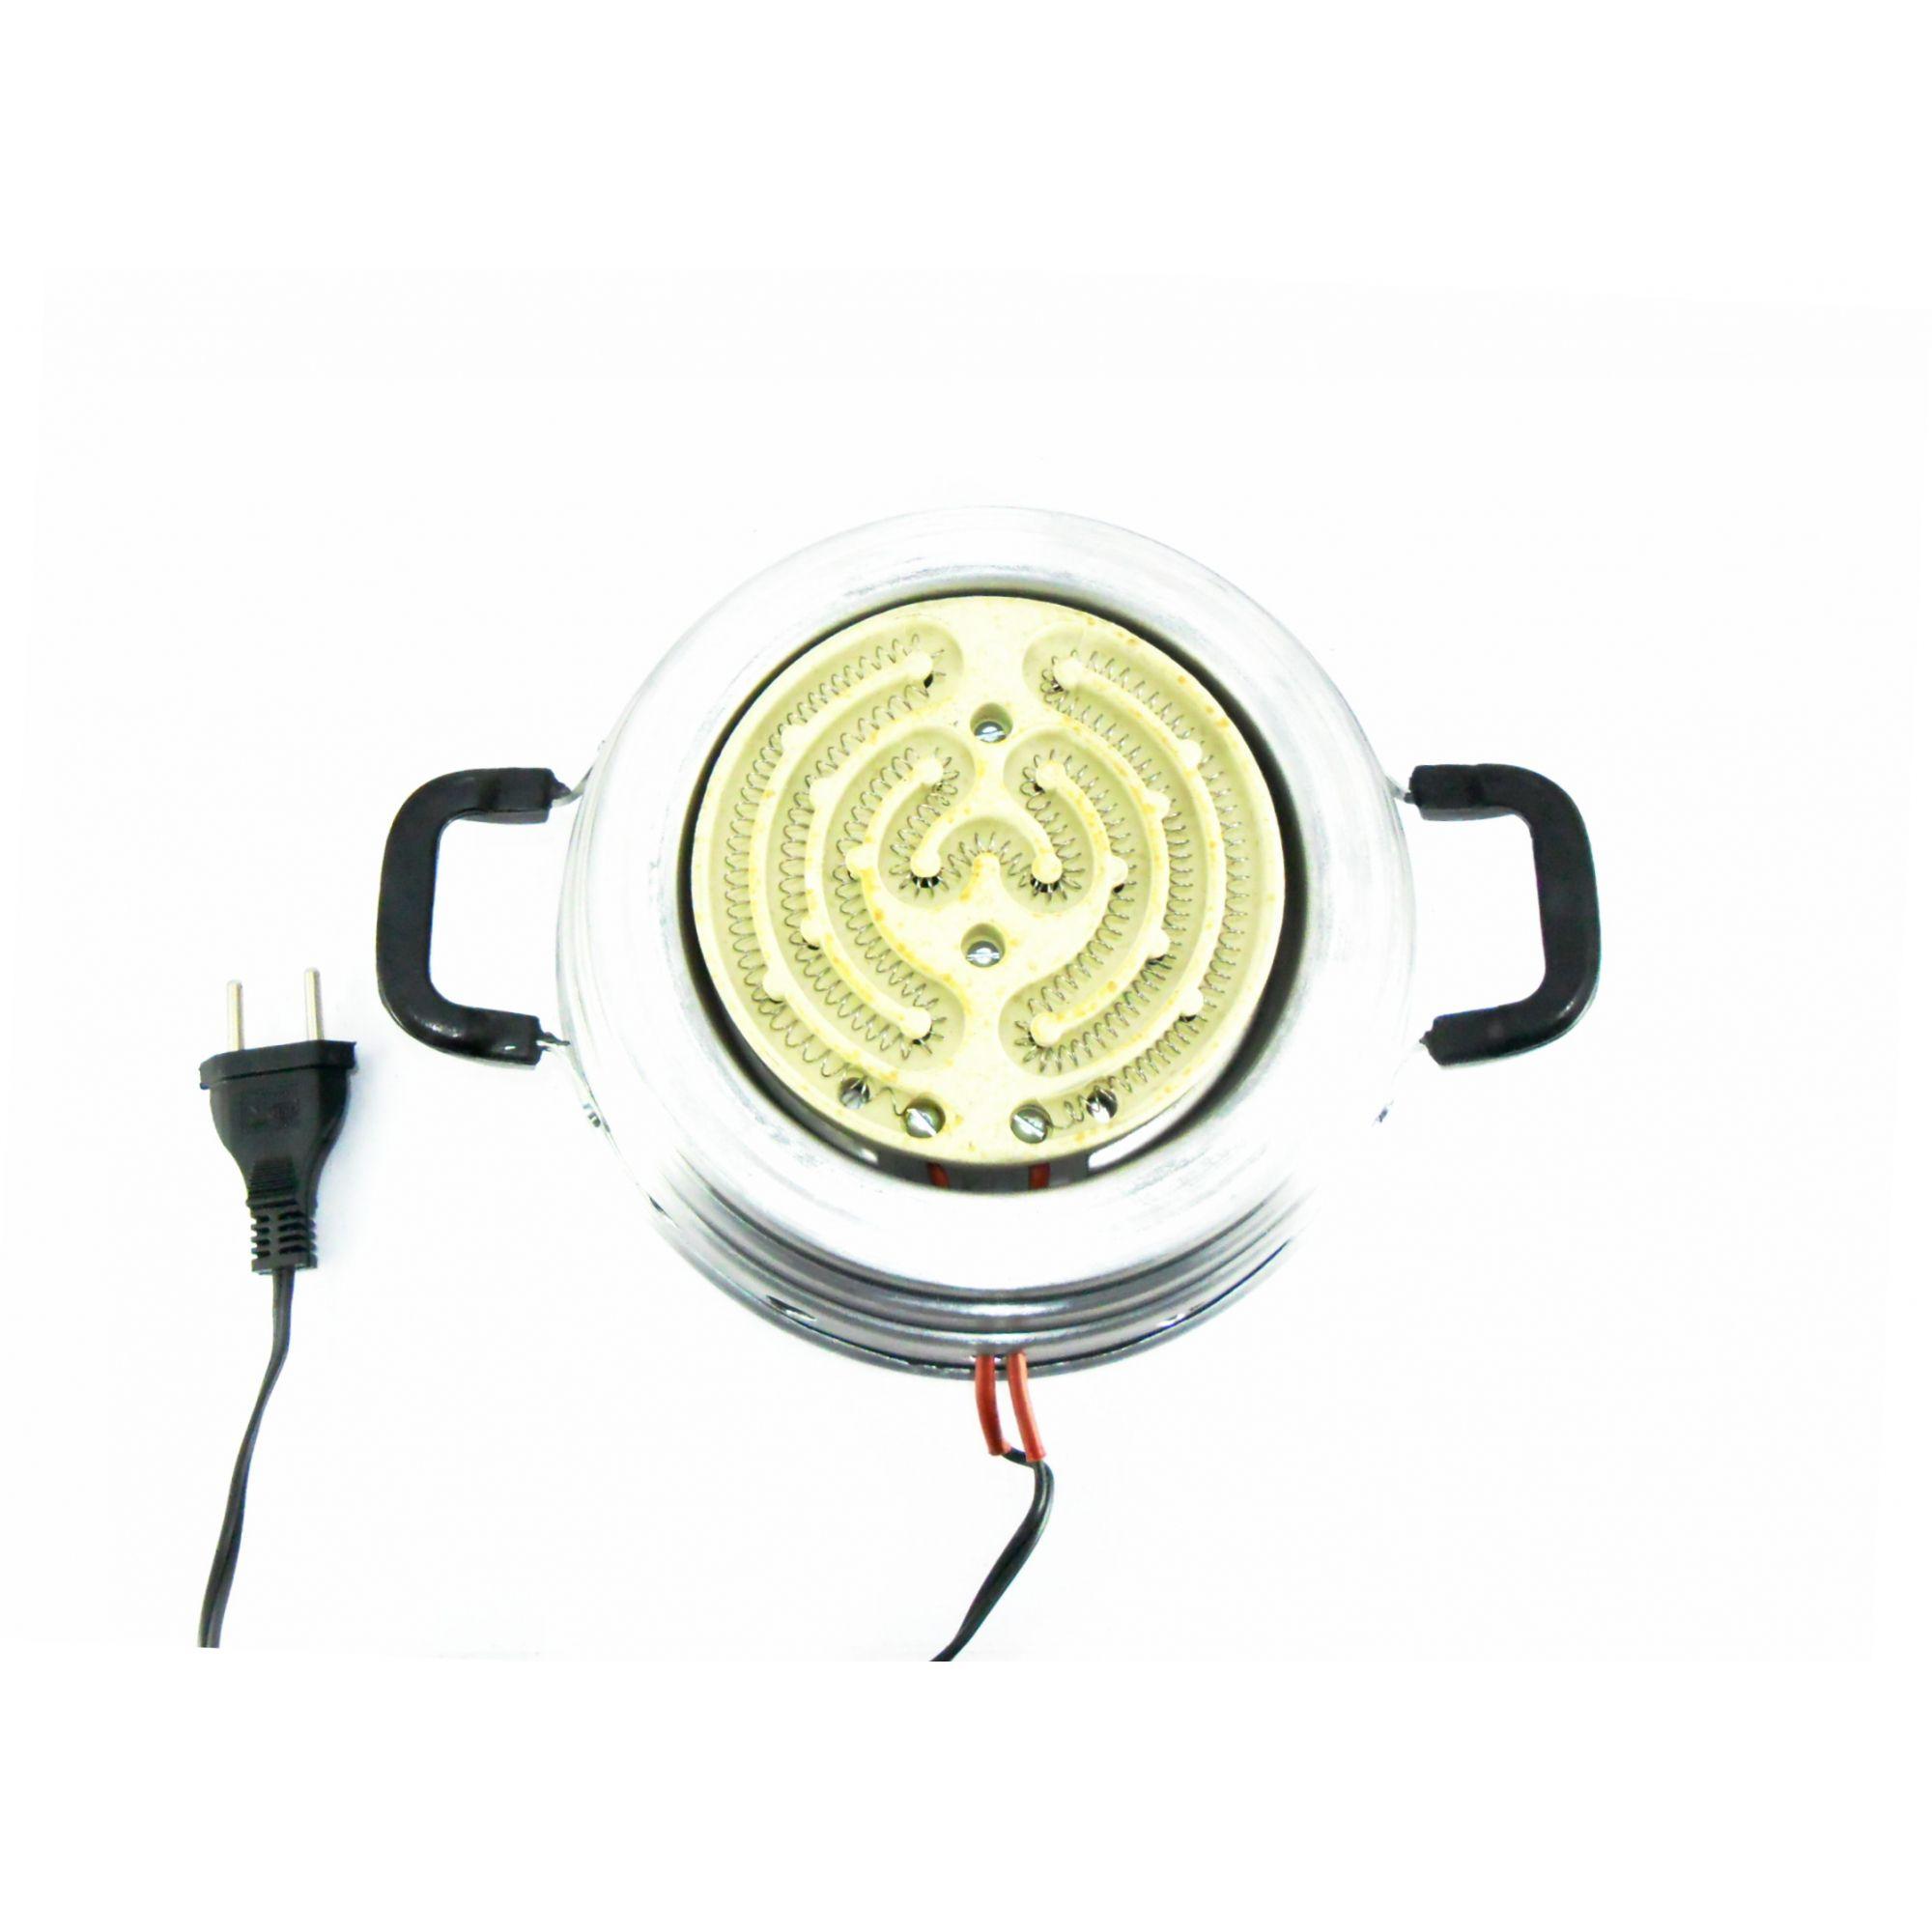 Fogareiro elétrico para acender carvão Chamafil REDONDO, com abas (127V ou 220V)